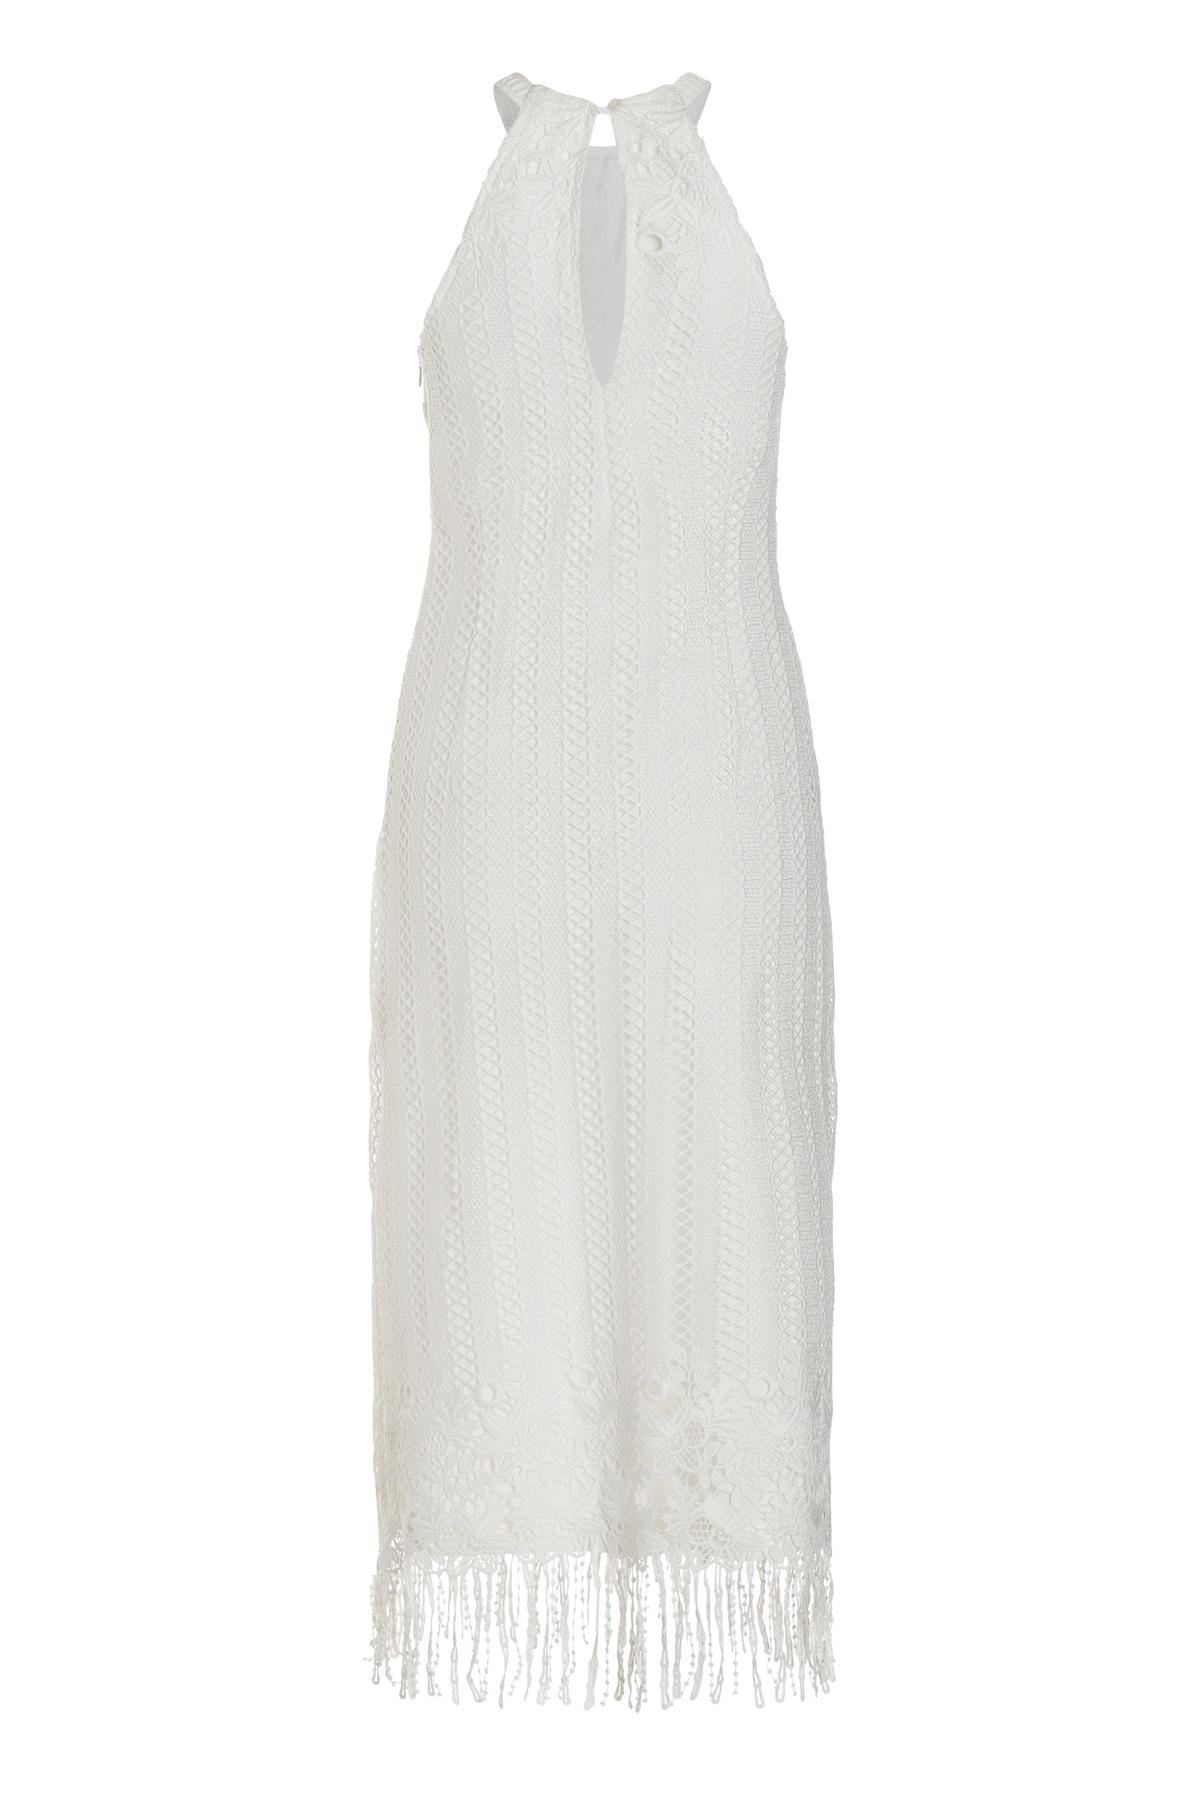 Detailansicht 2 von Ana Alcazar Midi Kleid Tadila